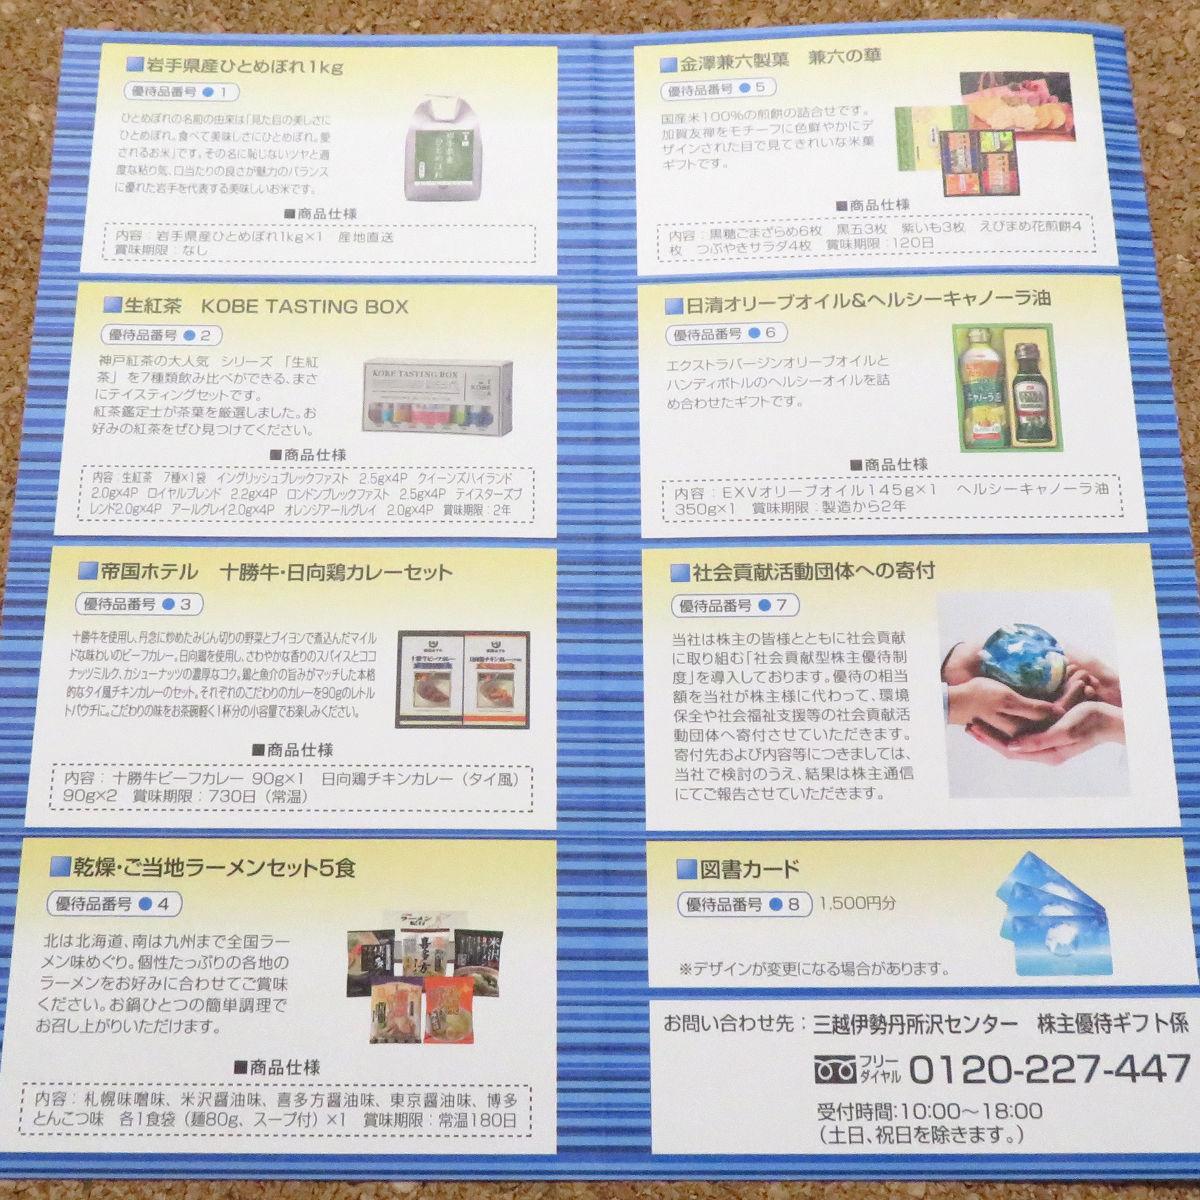 東京個別指導学院の株主優待カタログ